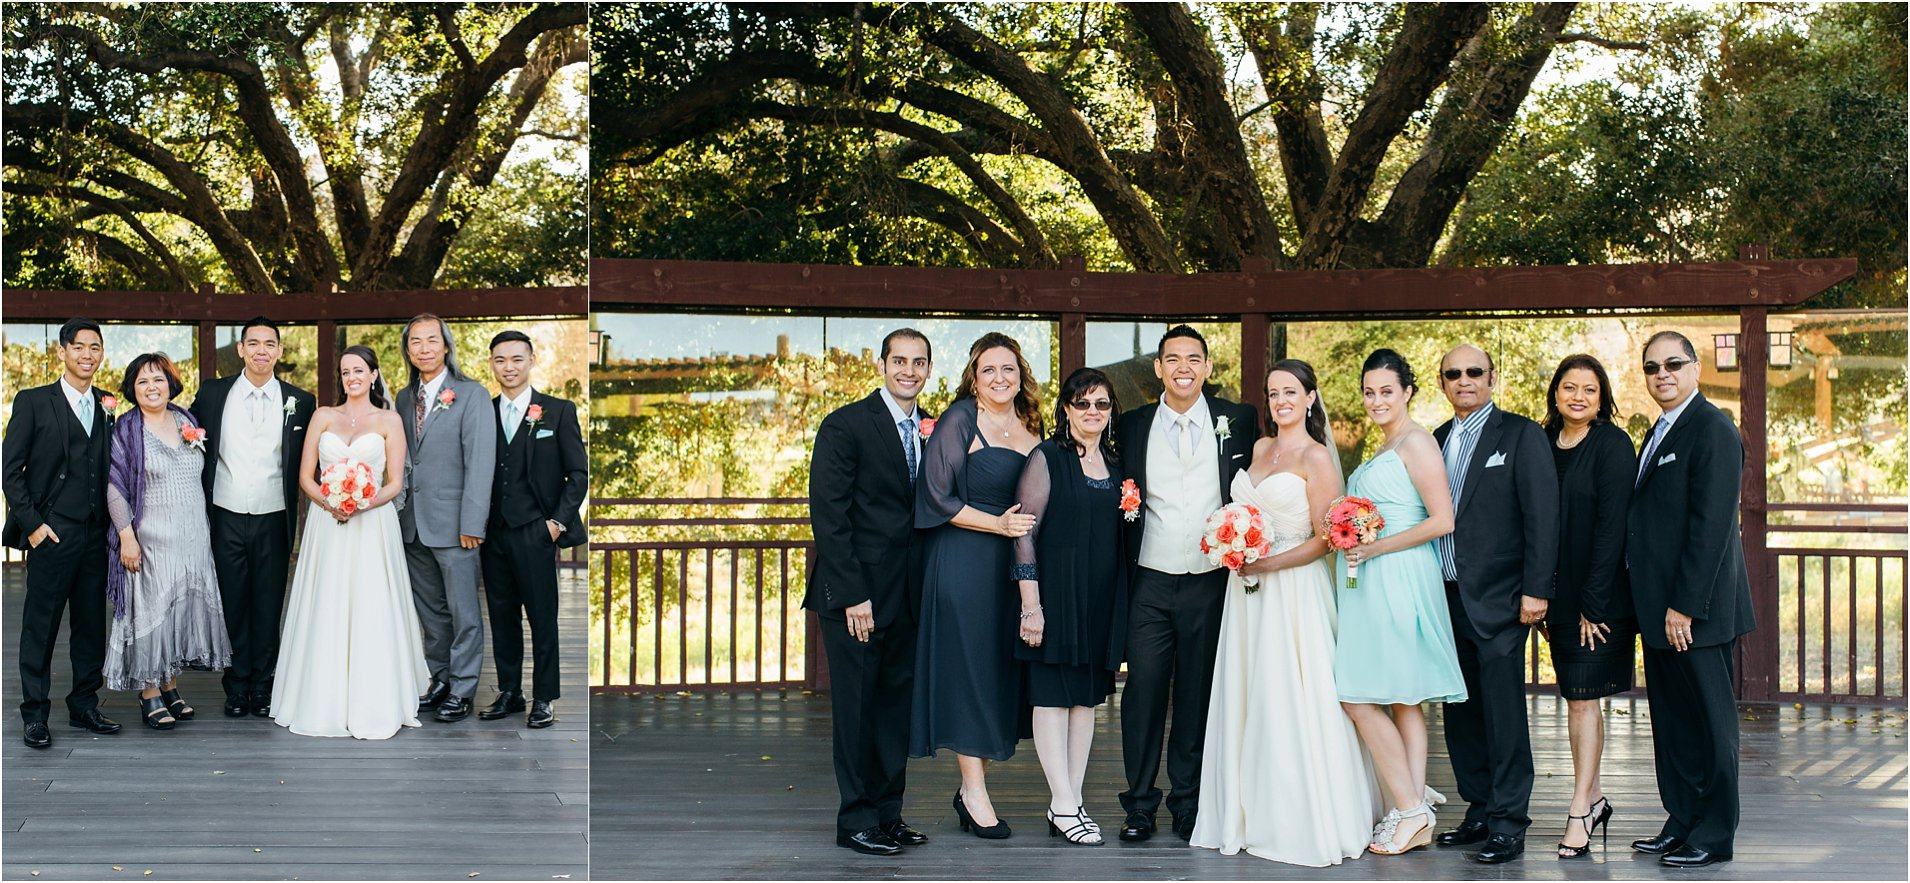 family photos at pechanga